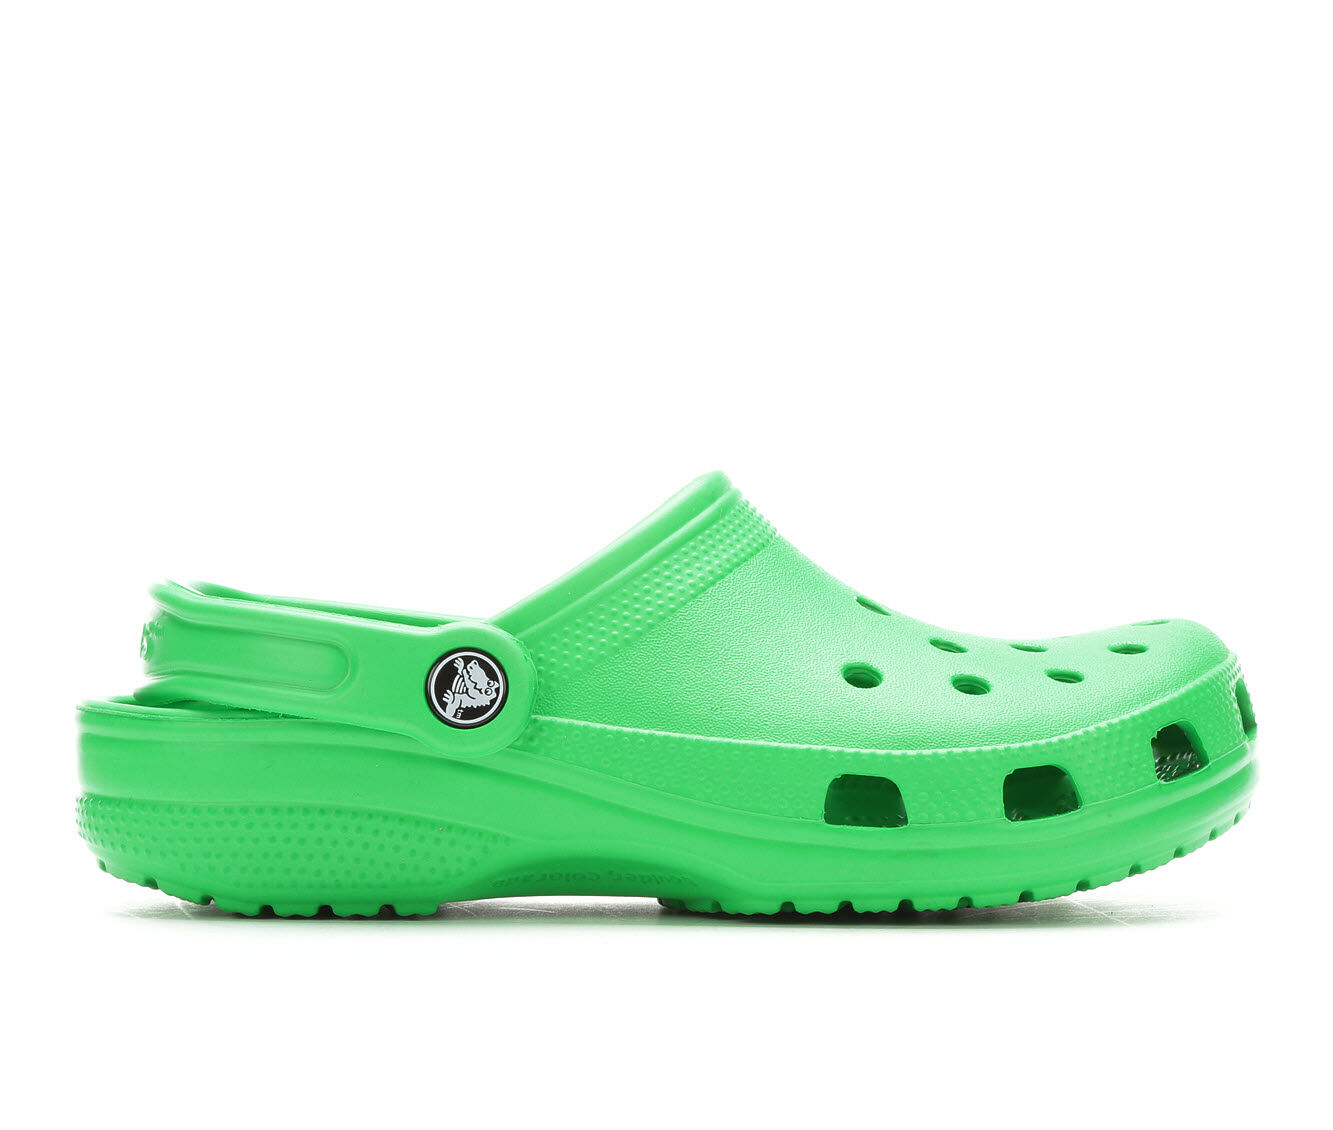 Women's Crocs Classic Clogs Grass Green